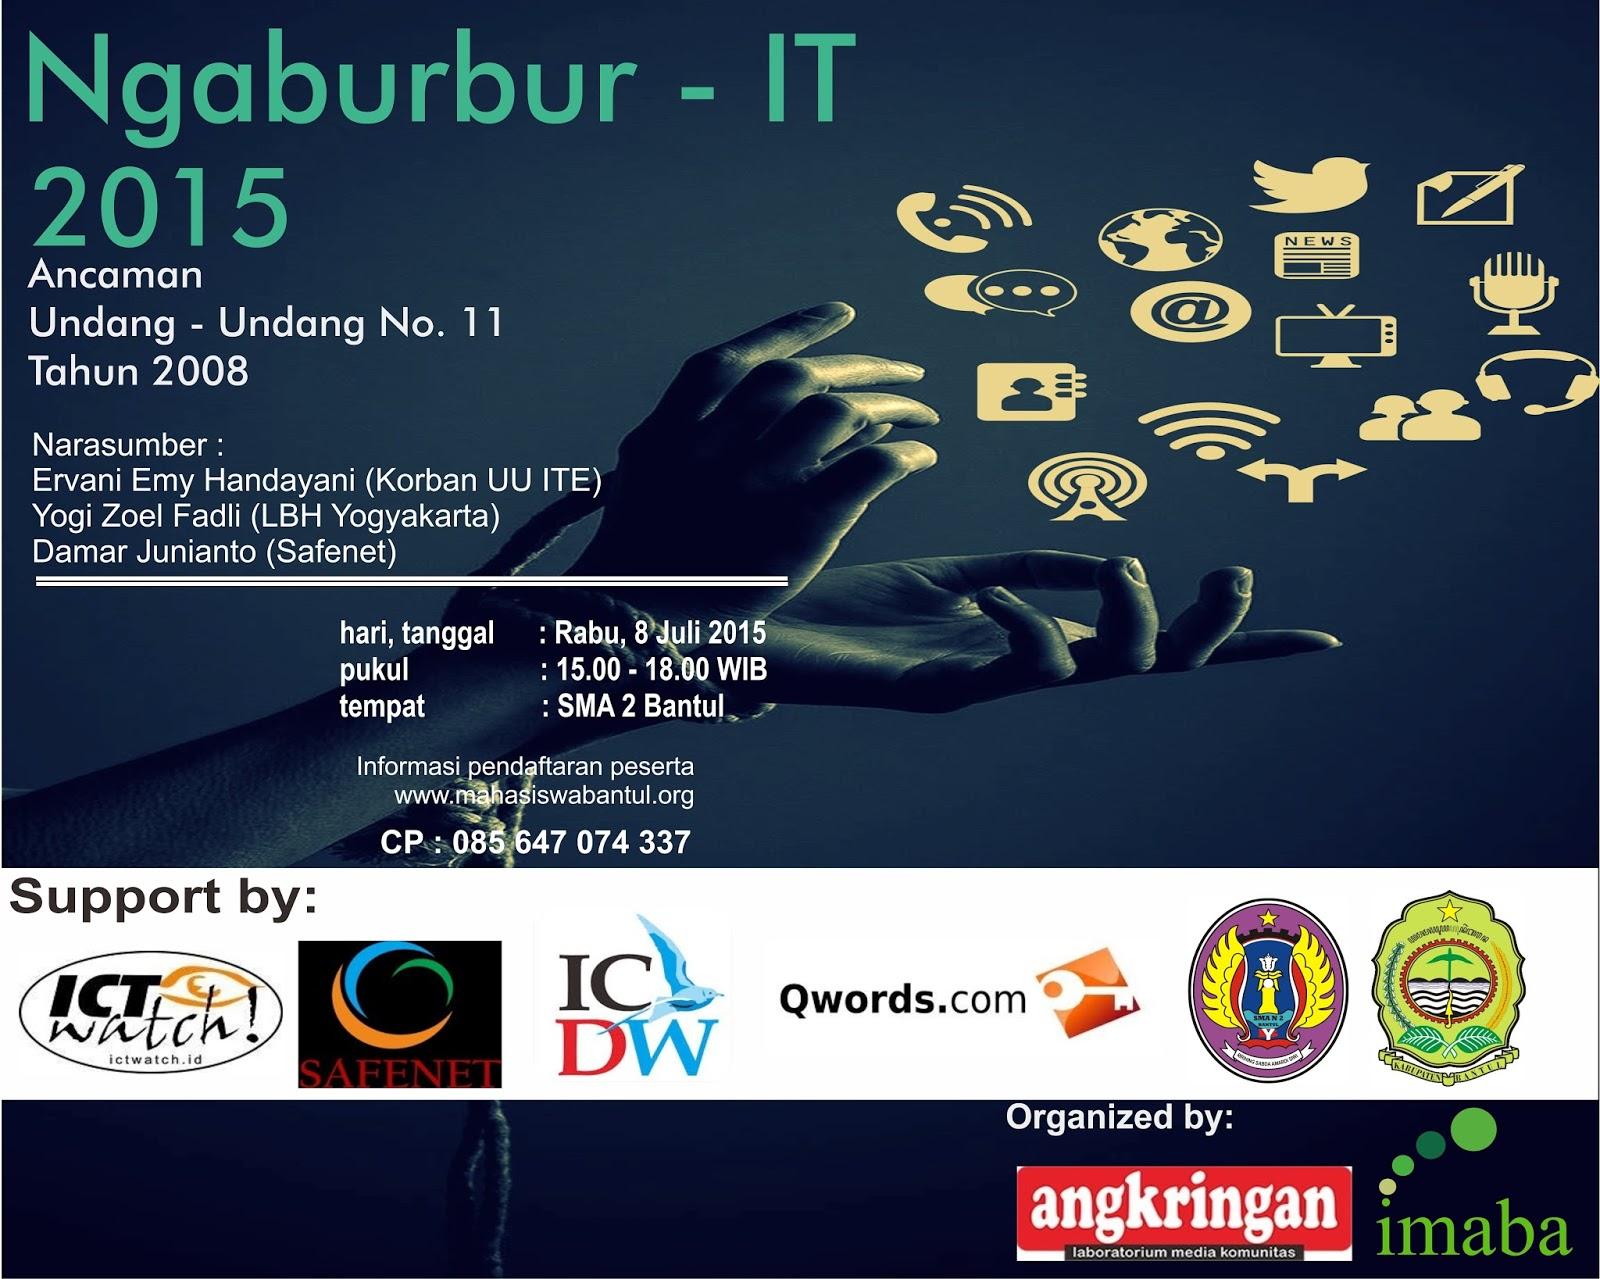 Imaba,Ikatan Mahasiswa Bantul, Bantul, Projotamansari, NgabuburIT-NgabuburIT2015, Projotamansari, seminar it, seminar, uu ite, #Imaba, #Bantul